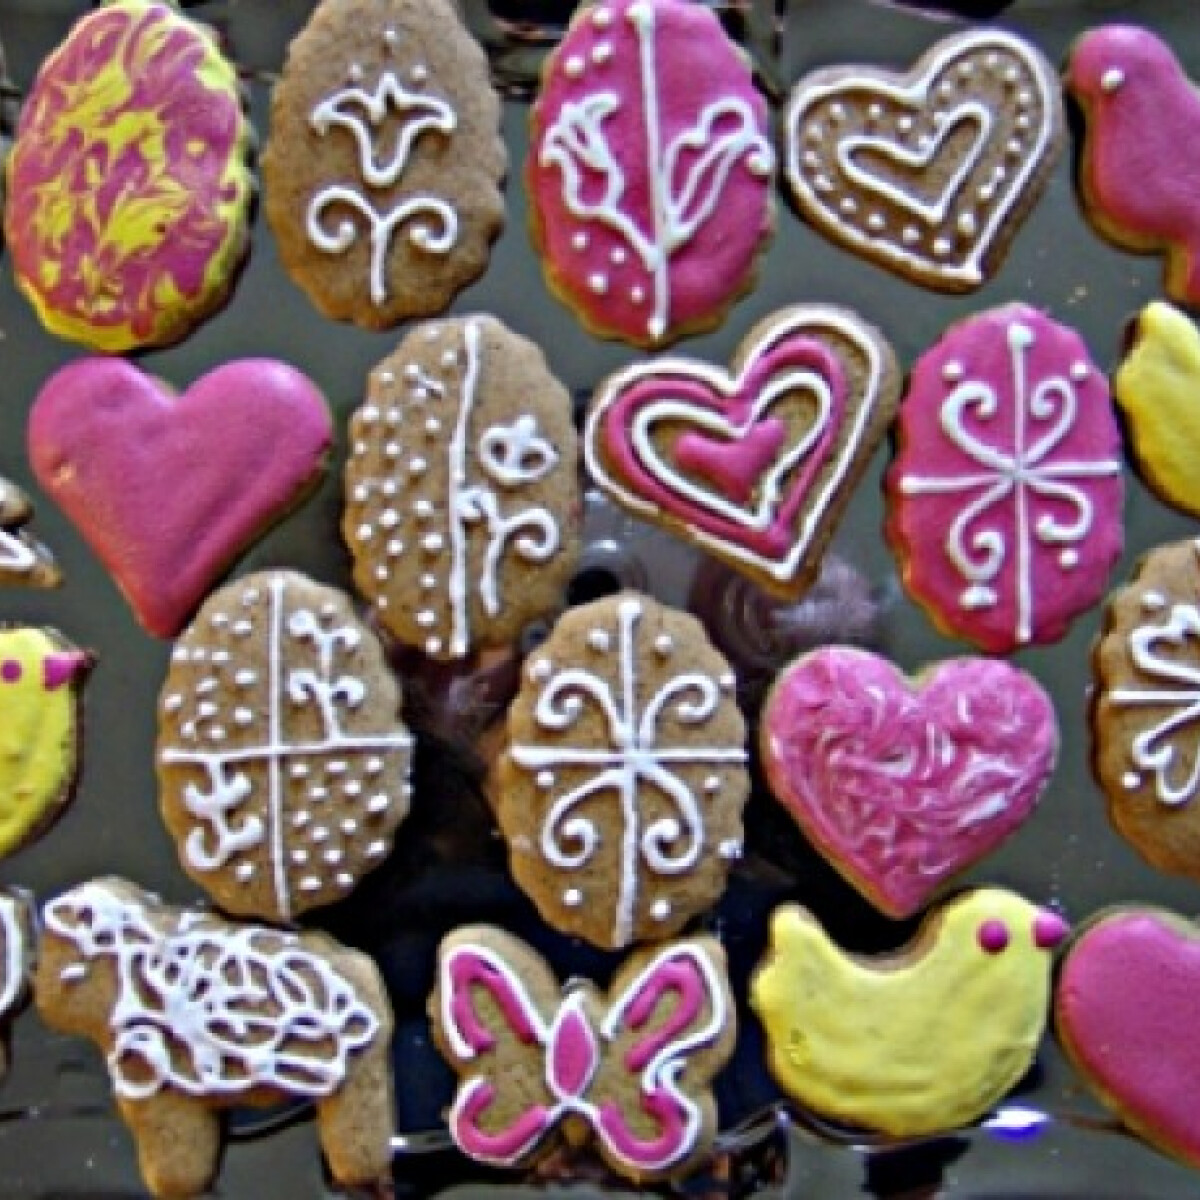 Ezen a képen: Húsvéti mézeskalács Sziszi konyhájából